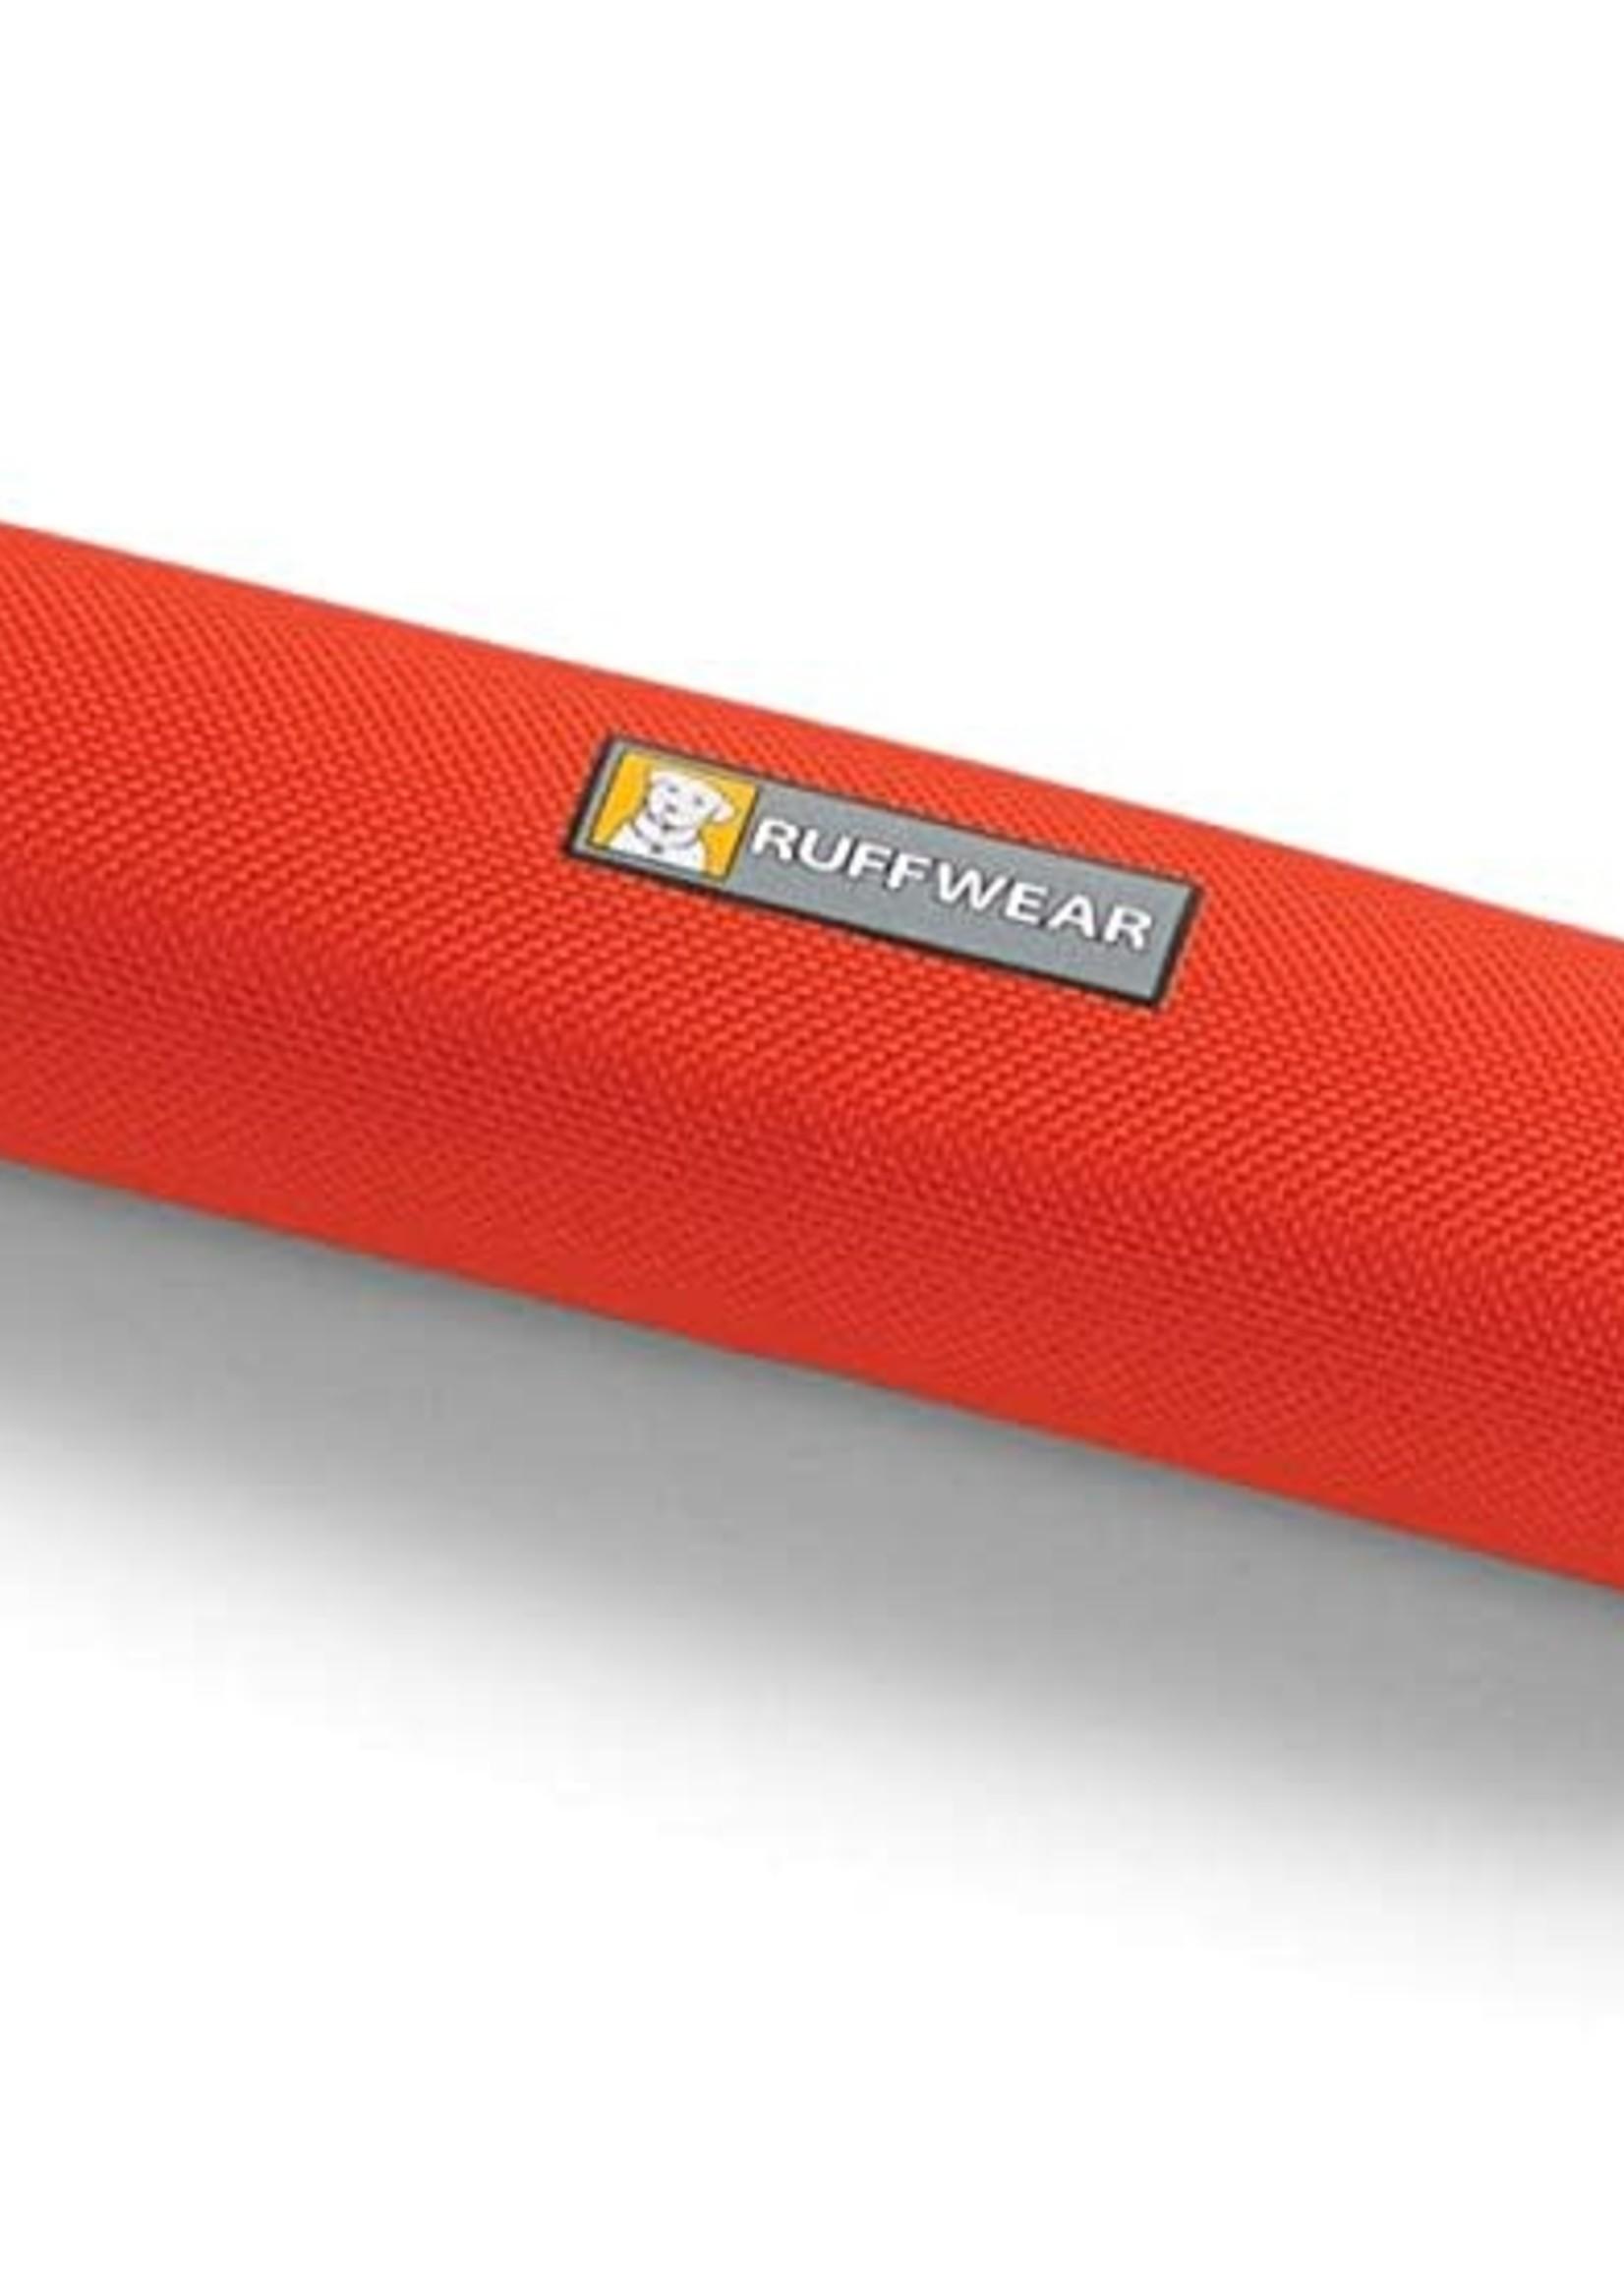 Ruffwear Ruffwear Pacific Loop Tug & Toss